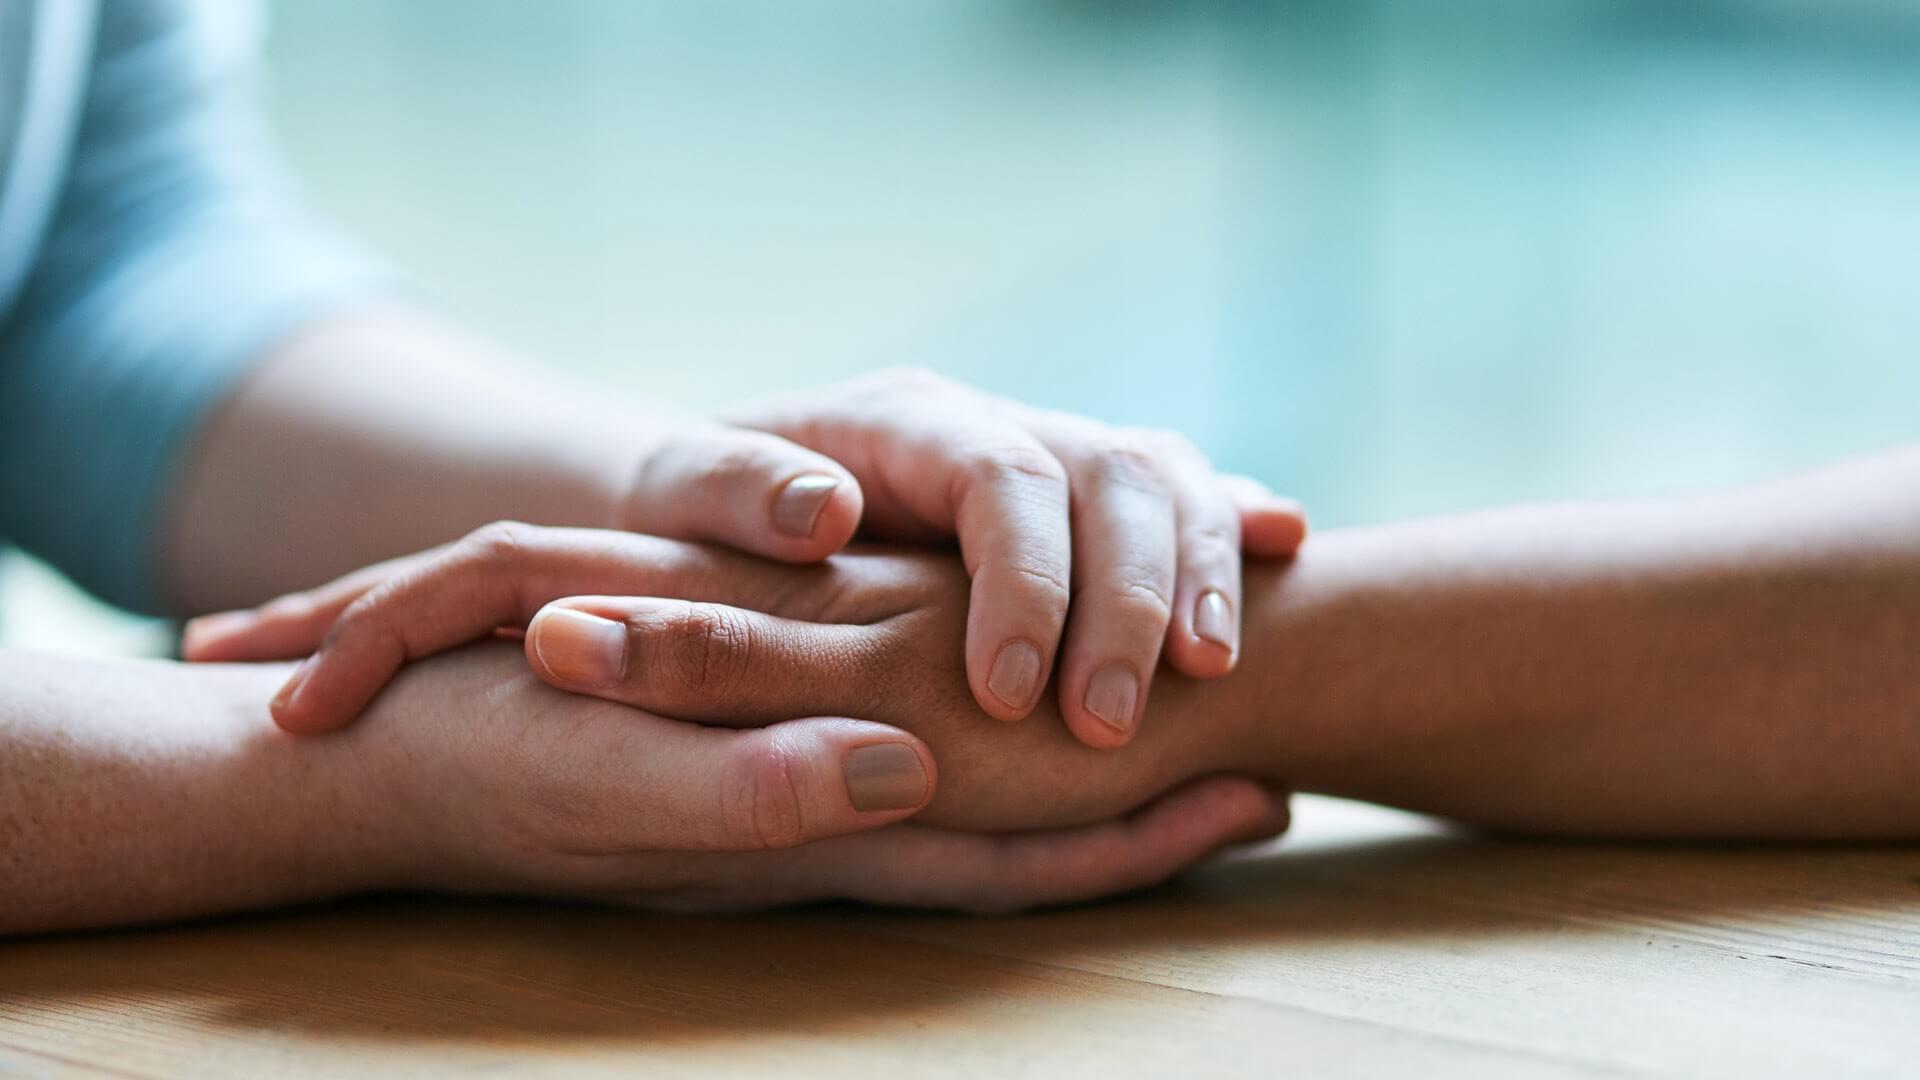 بخشیدن دیگران